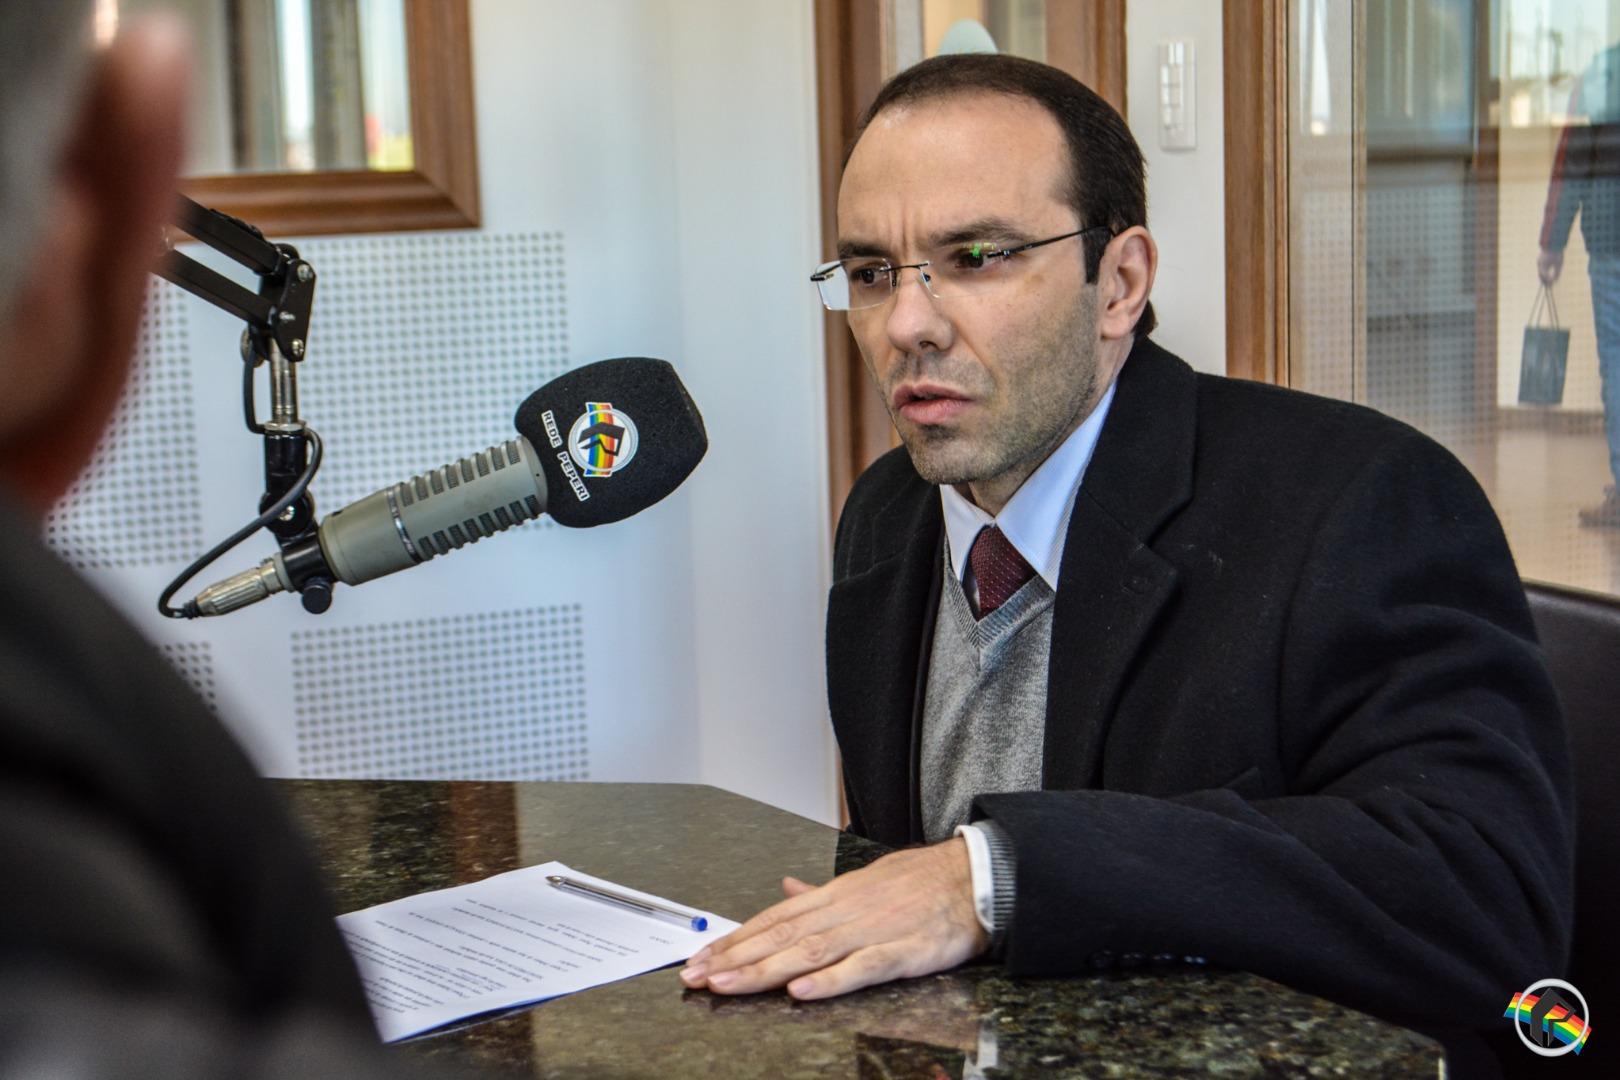 VÍDEO: Peperi fala sobre eleições e a participação do cidadão neste processo